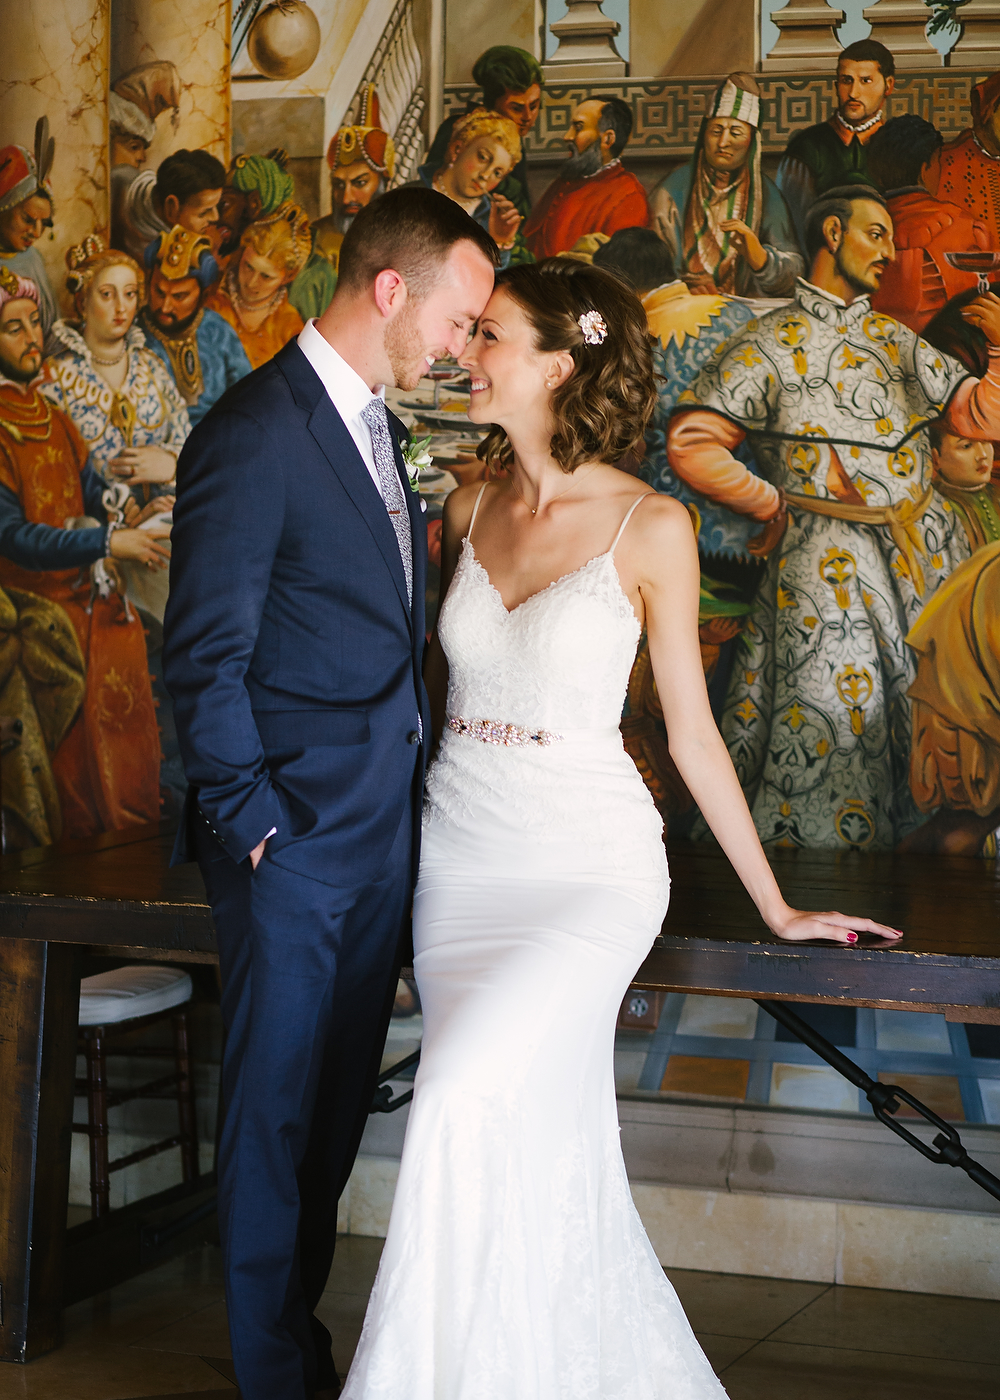 San Francisco Bay Area Wedding Photographer Regale Los Gatos 0033.JPG